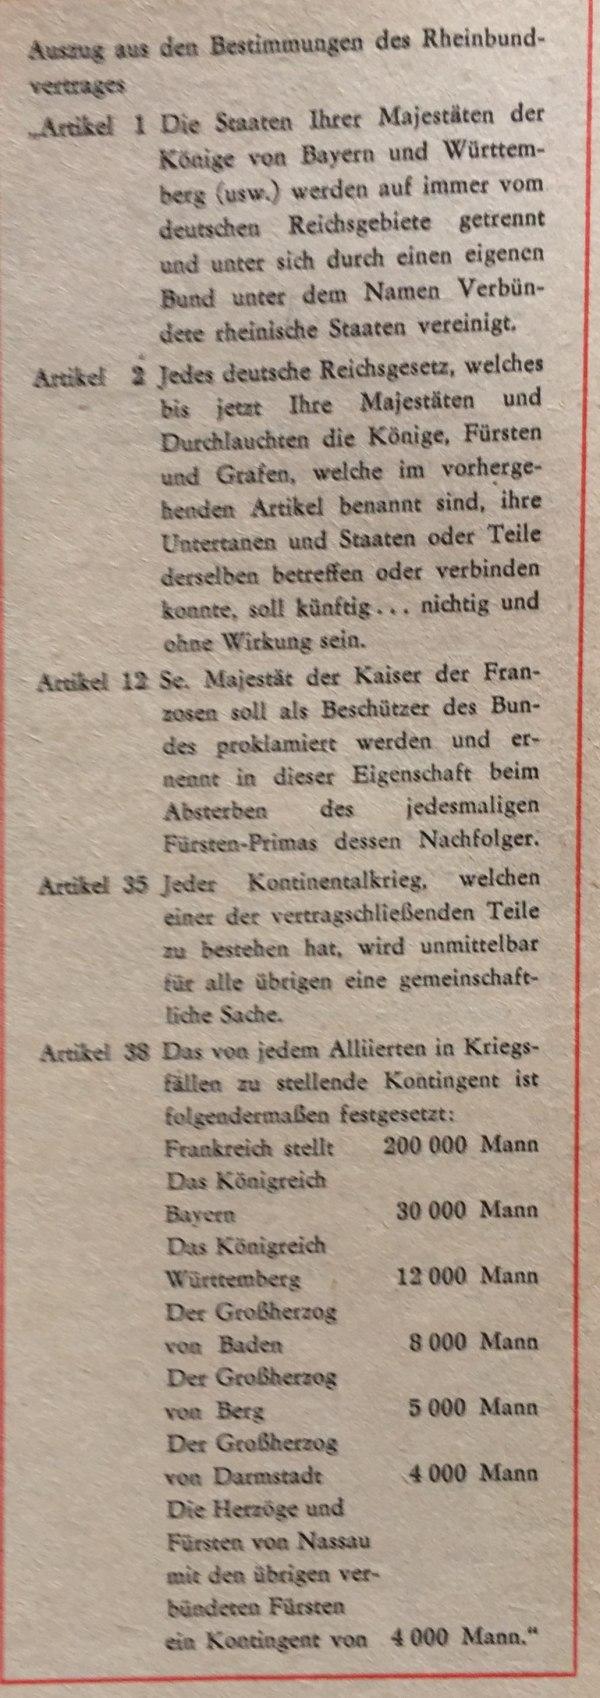 Auszüge aus Rheinbundvertrag